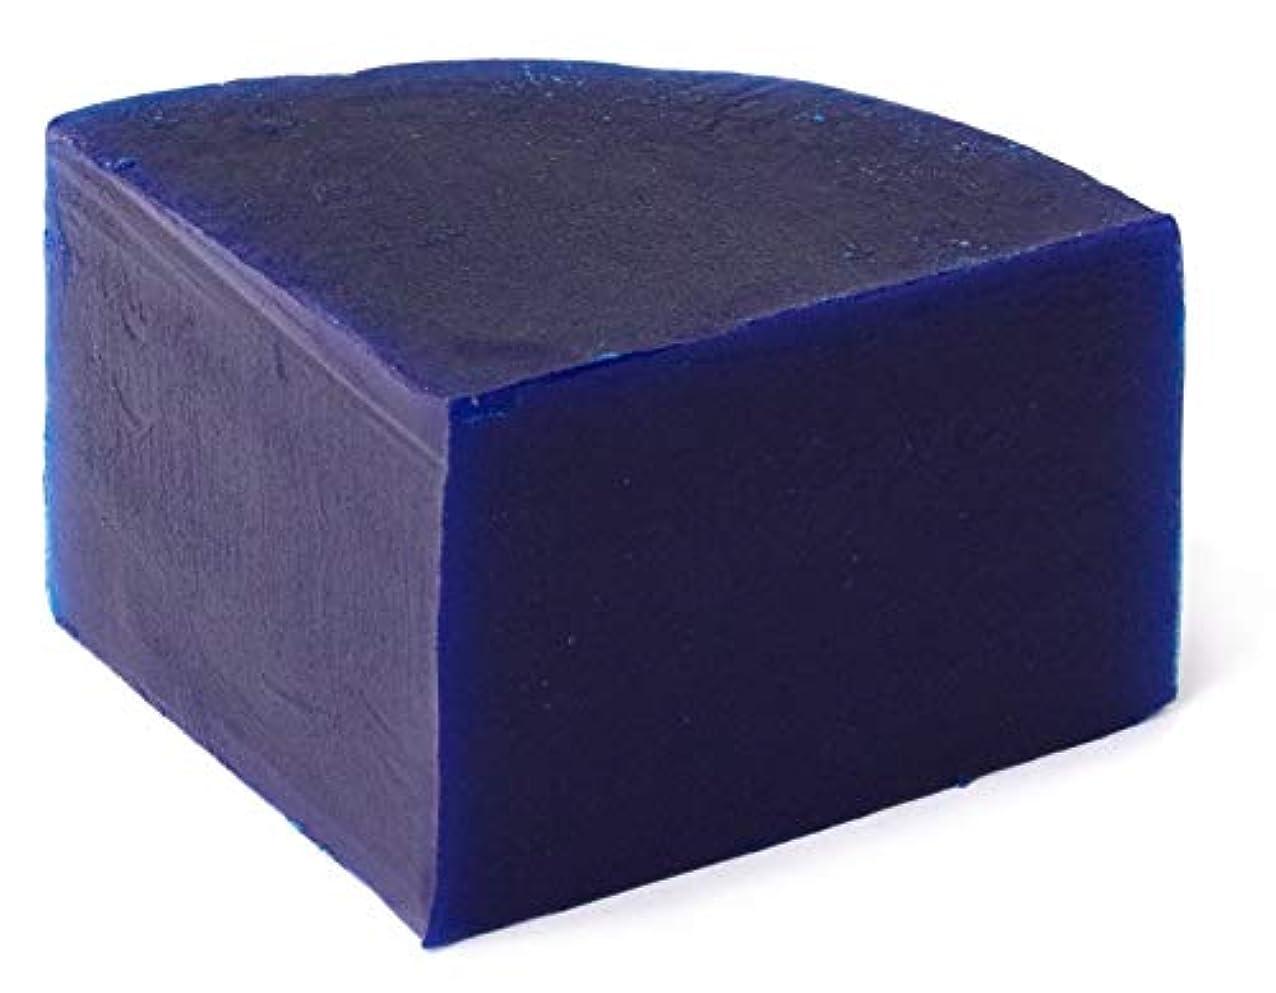 前奏曲ファンネルウェブスパイダーくつろぐグリセリン クリアソープ (MPソープ) 色チップ 青 25g